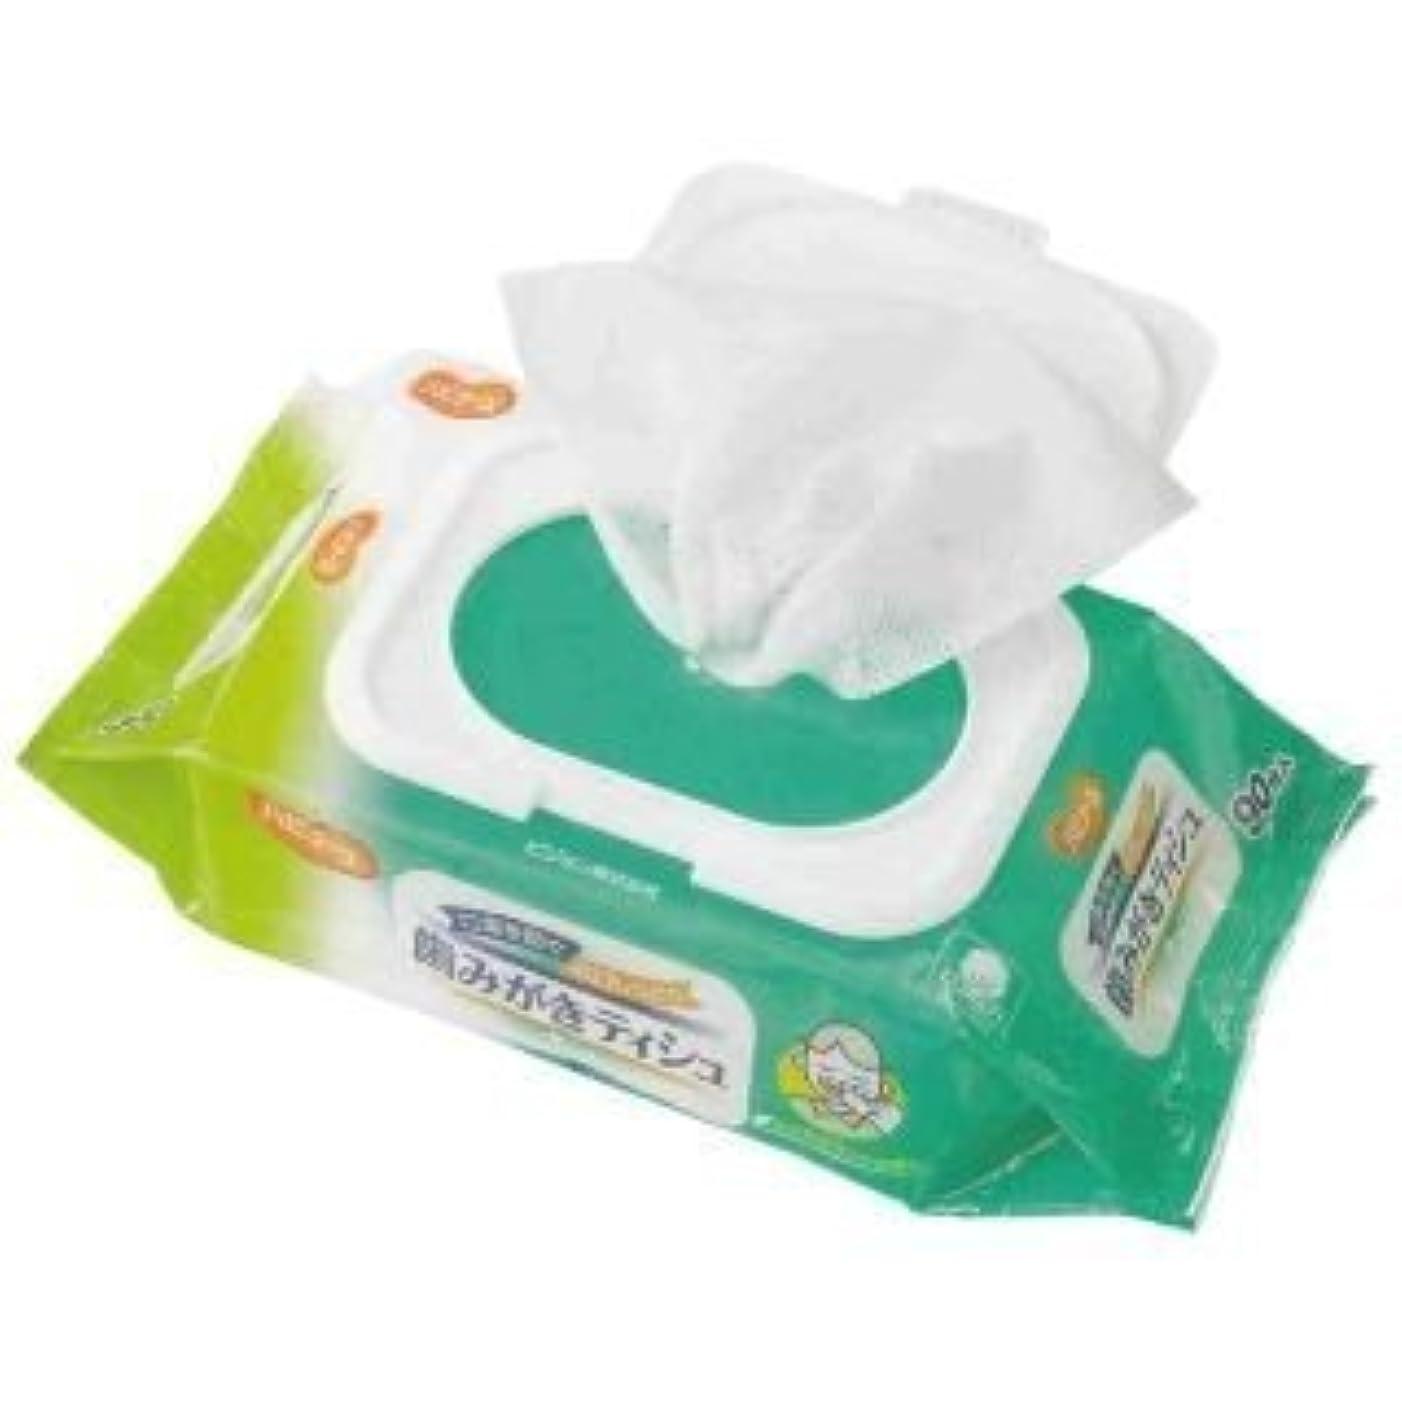 保守的一致保険をかける口臭を防ぐ&お口しっとり!ふきとりやすいコットンメッシュシート!お口が乾燥して、お口の臭いが気になるときに!歯みがきティシュ 90枚入